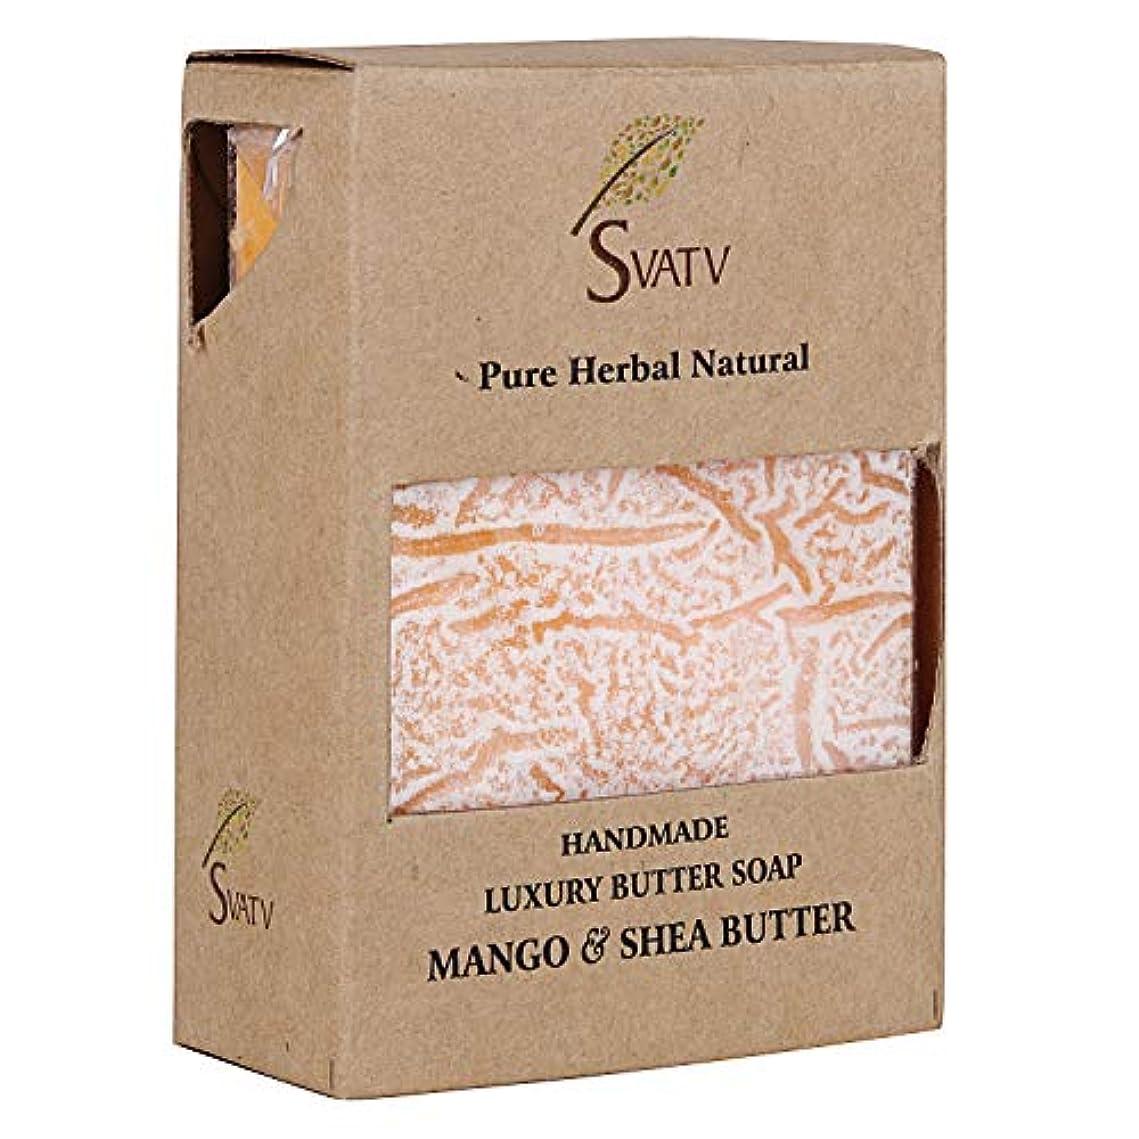 有益調子専門知識SVATV Handmade Luxury Butter Soap Mango & Shea Butter For All Skin types 100g Bar